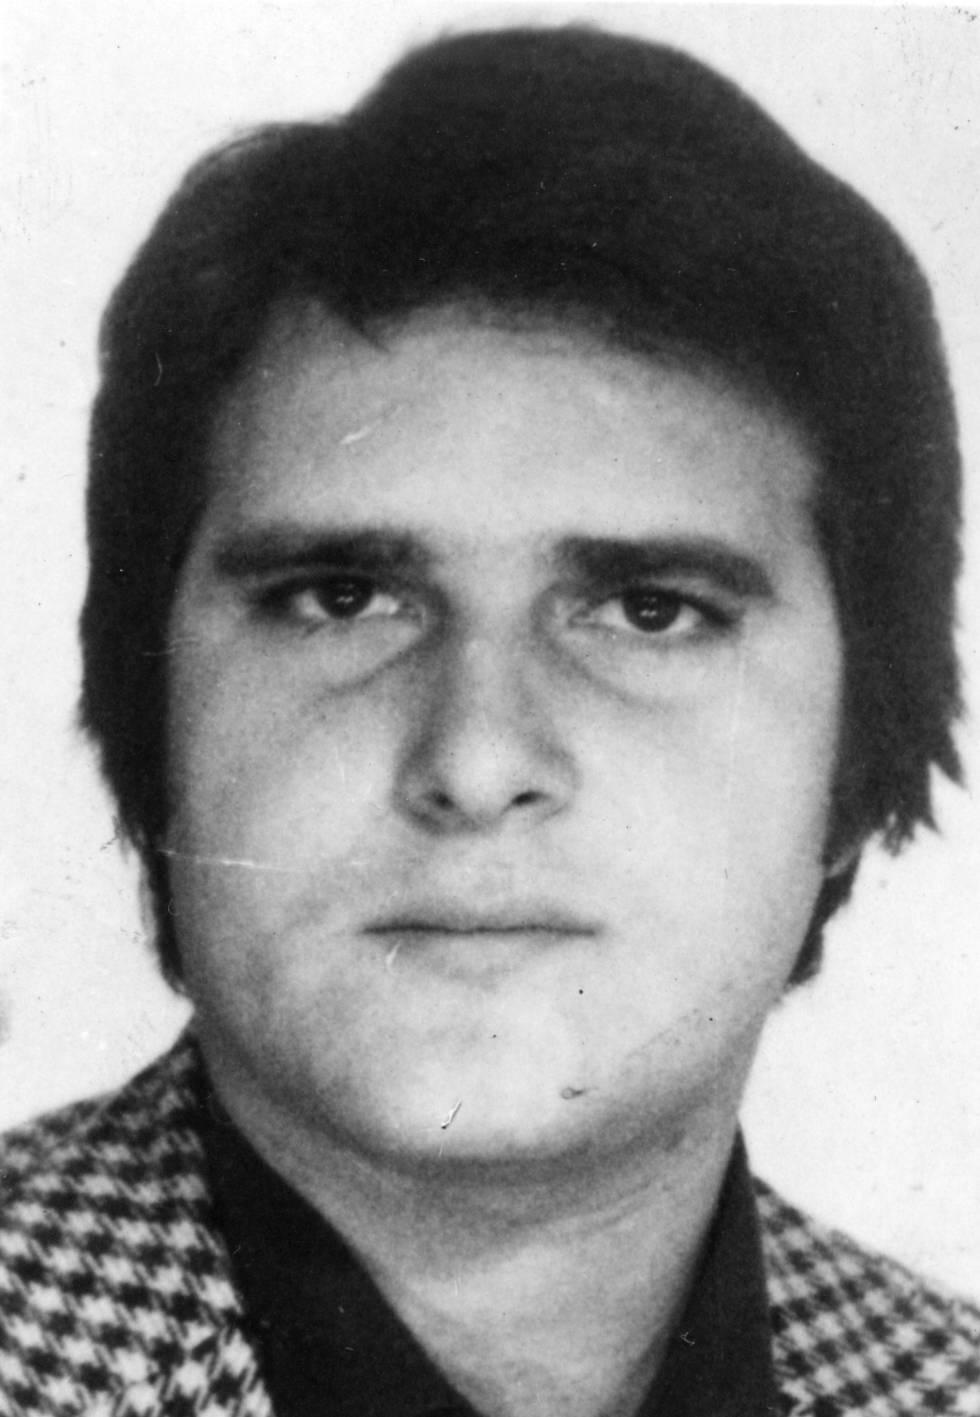 El otro pistolero fascista impune del 77